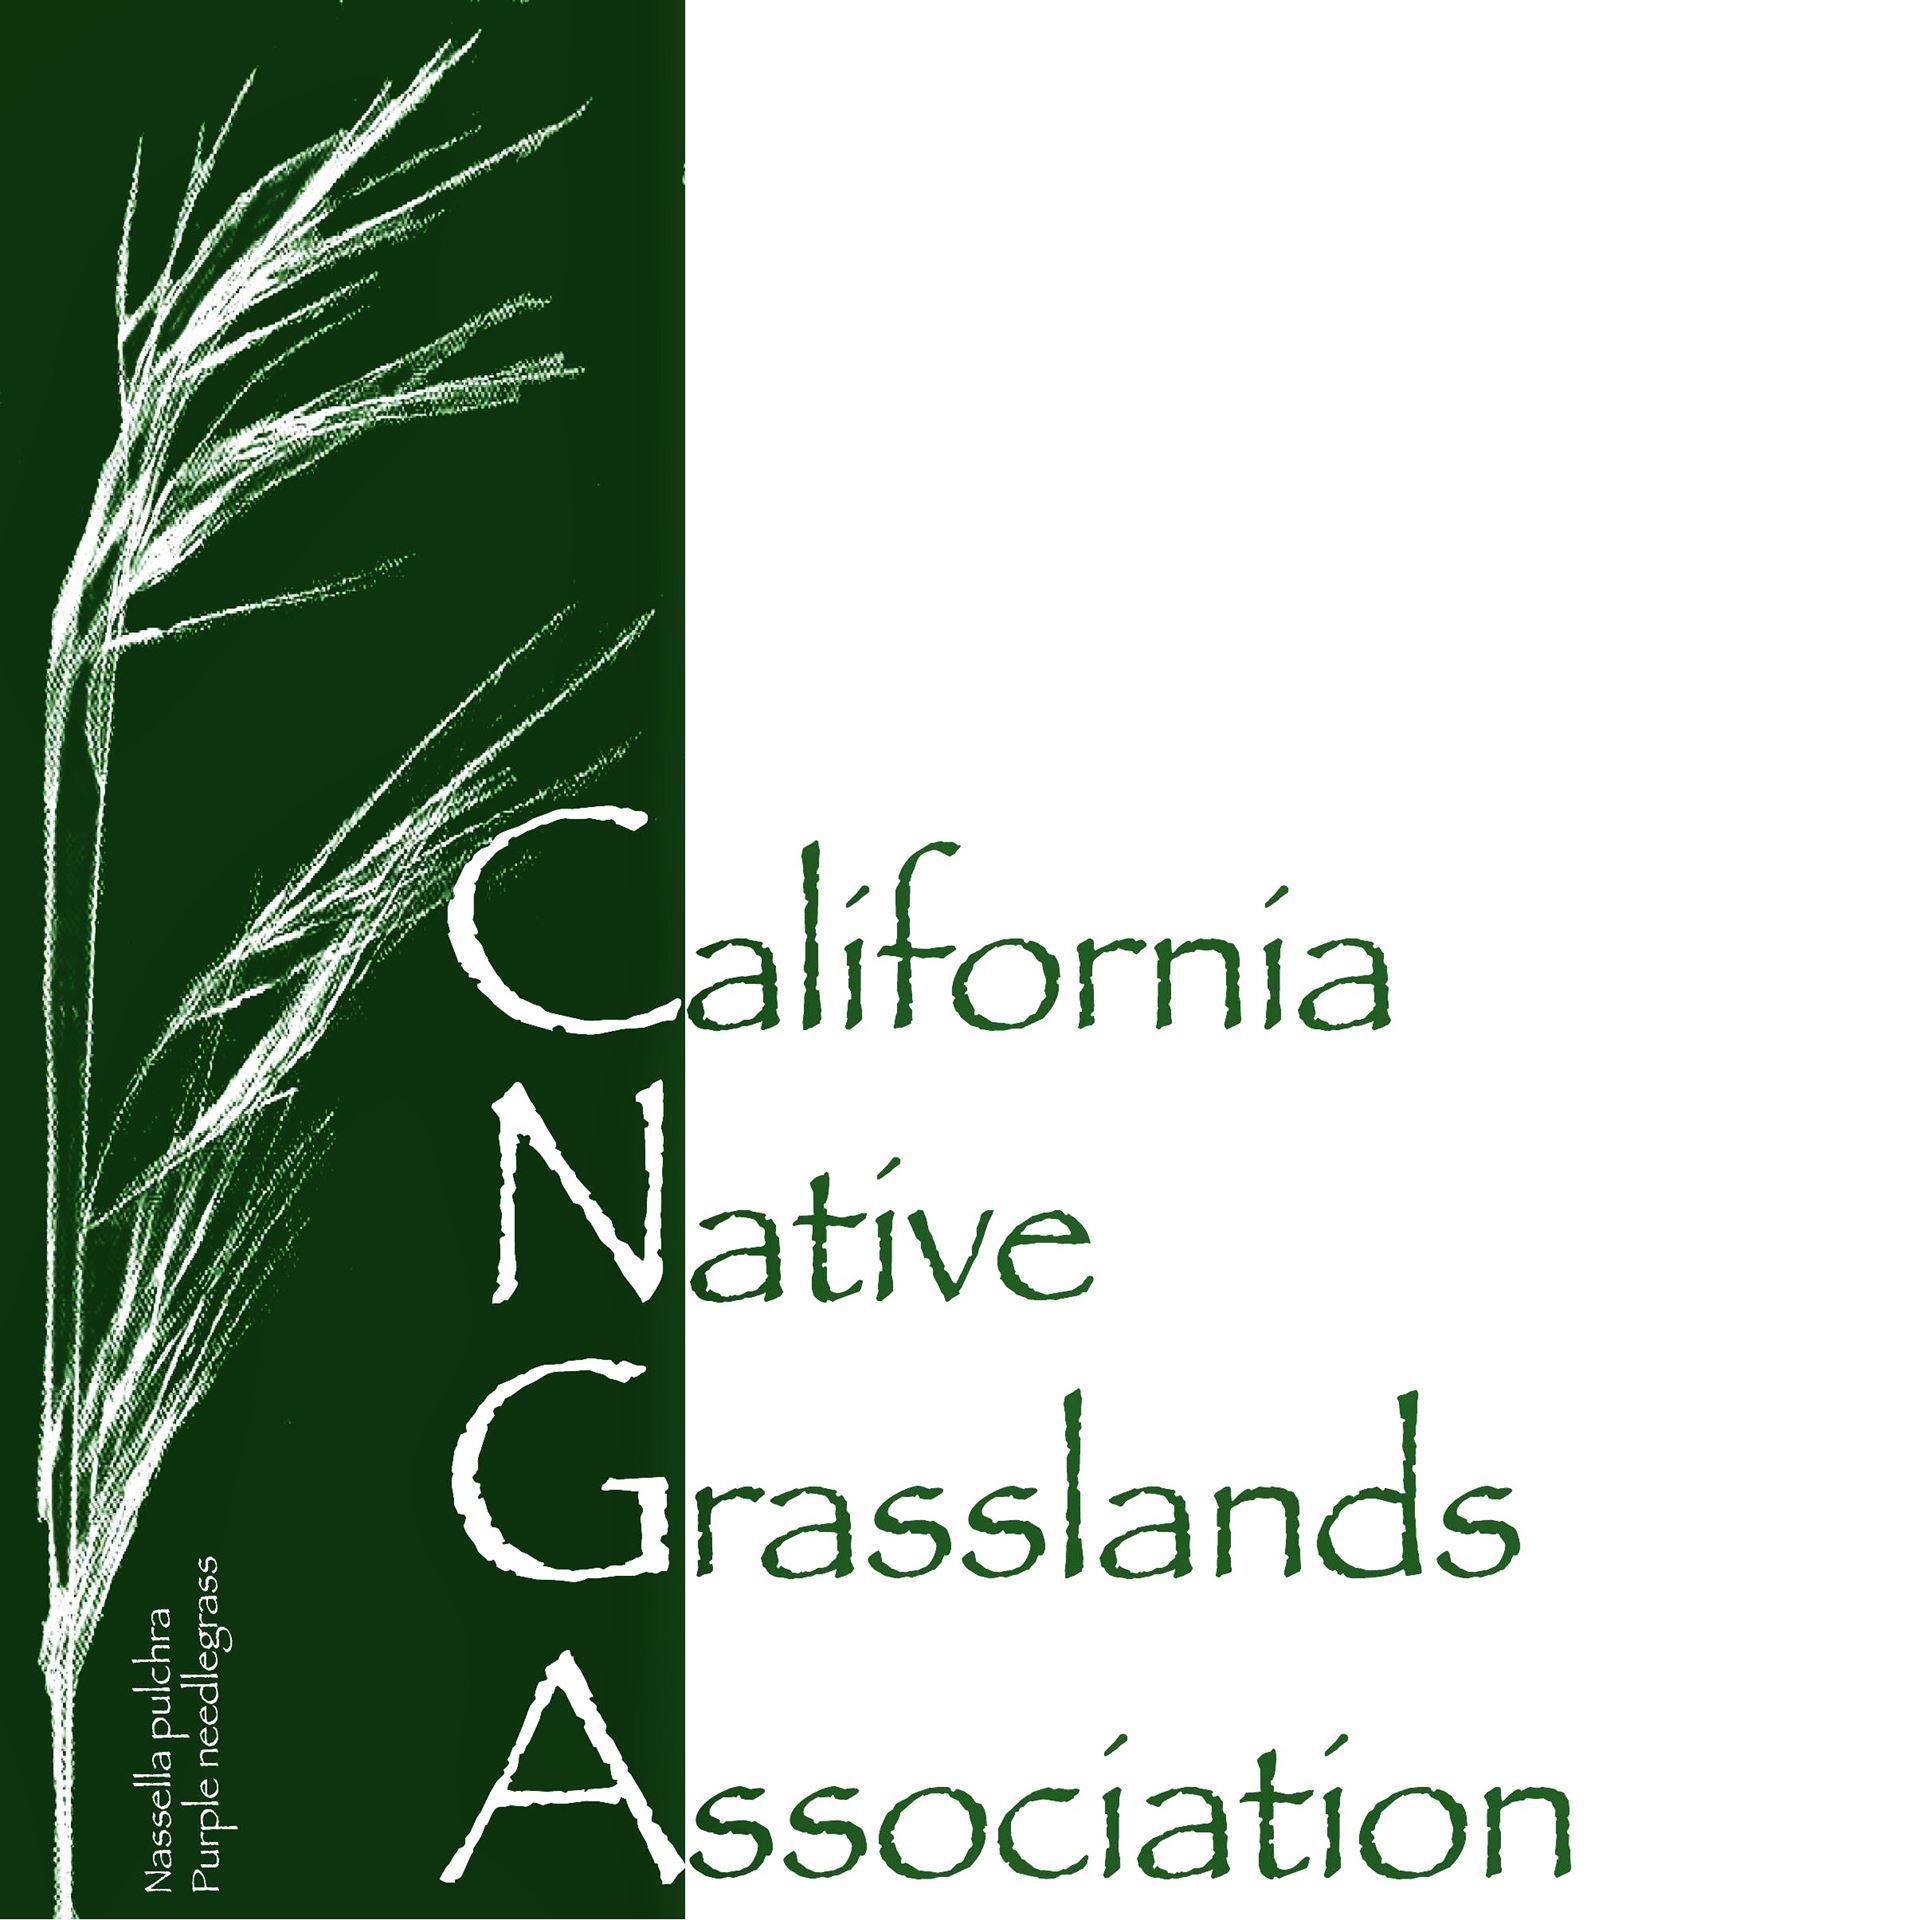 California Native Grasslands Association